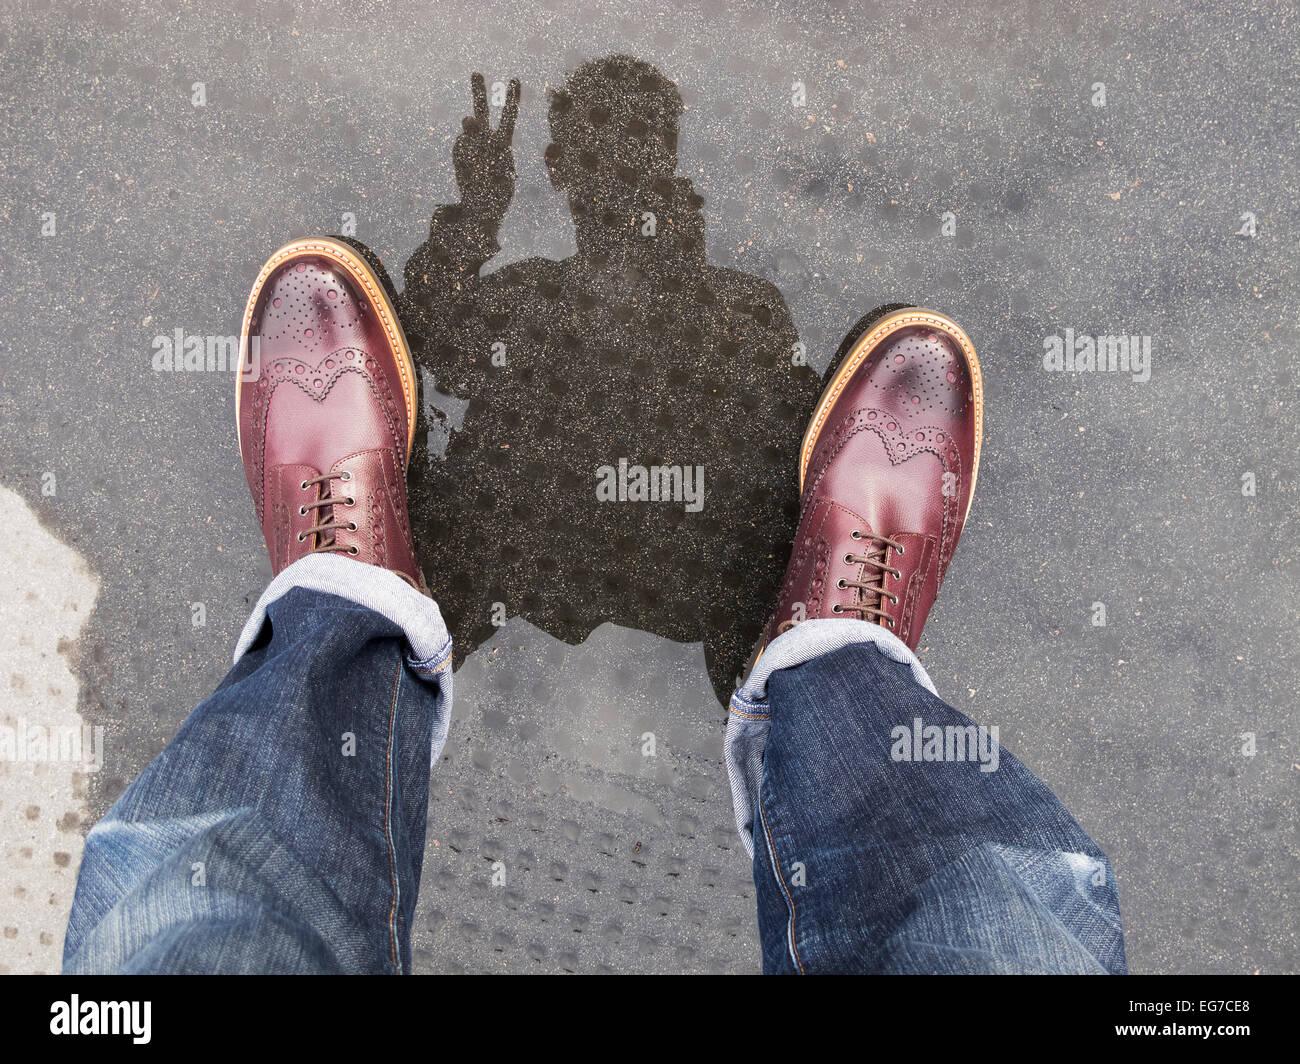 Una riflessione selfie fotografia in una pozza facendo un due dita segno di pace Immagini Stock